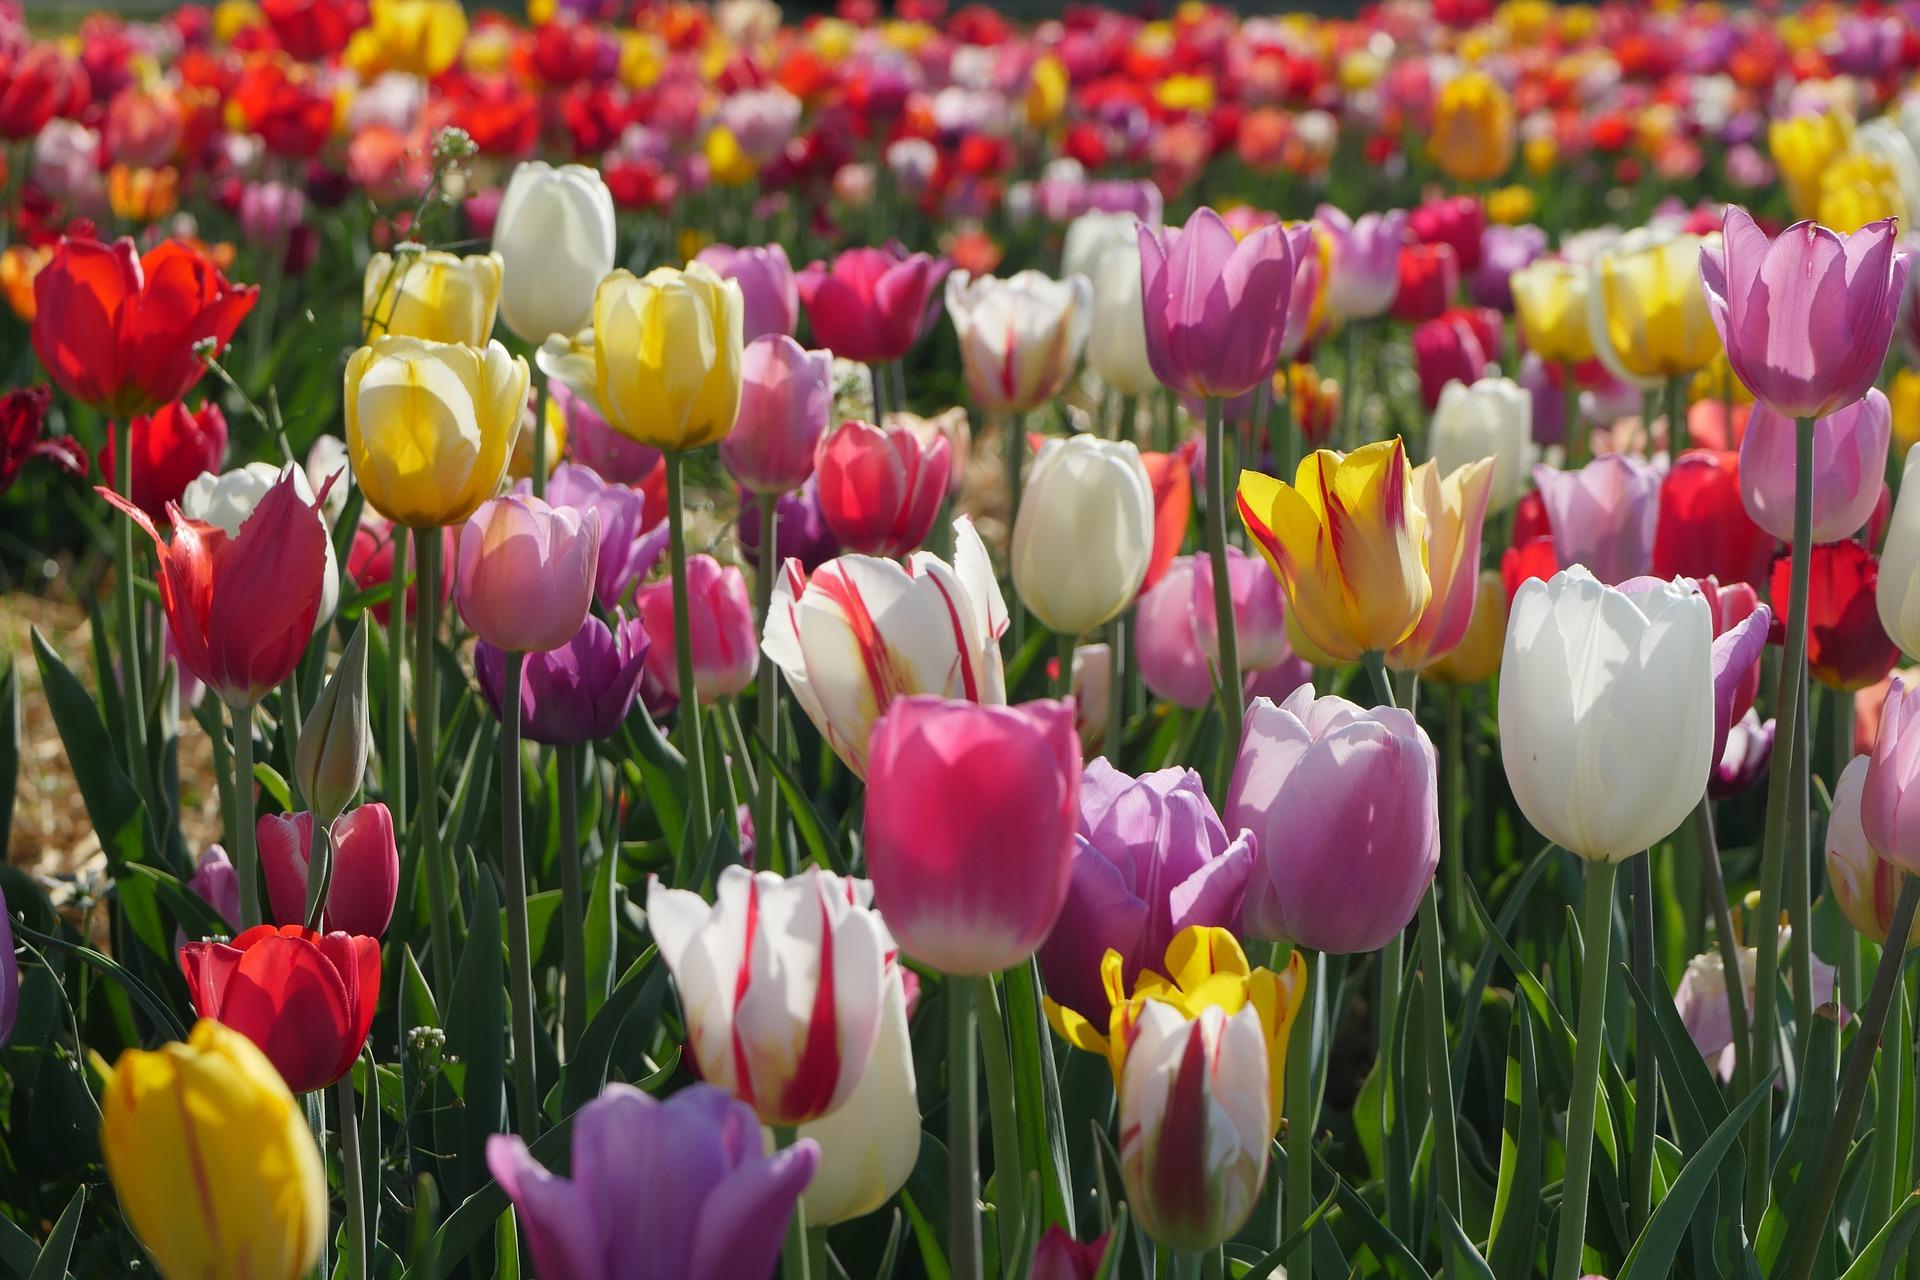 flower-3365598_1920.jpg